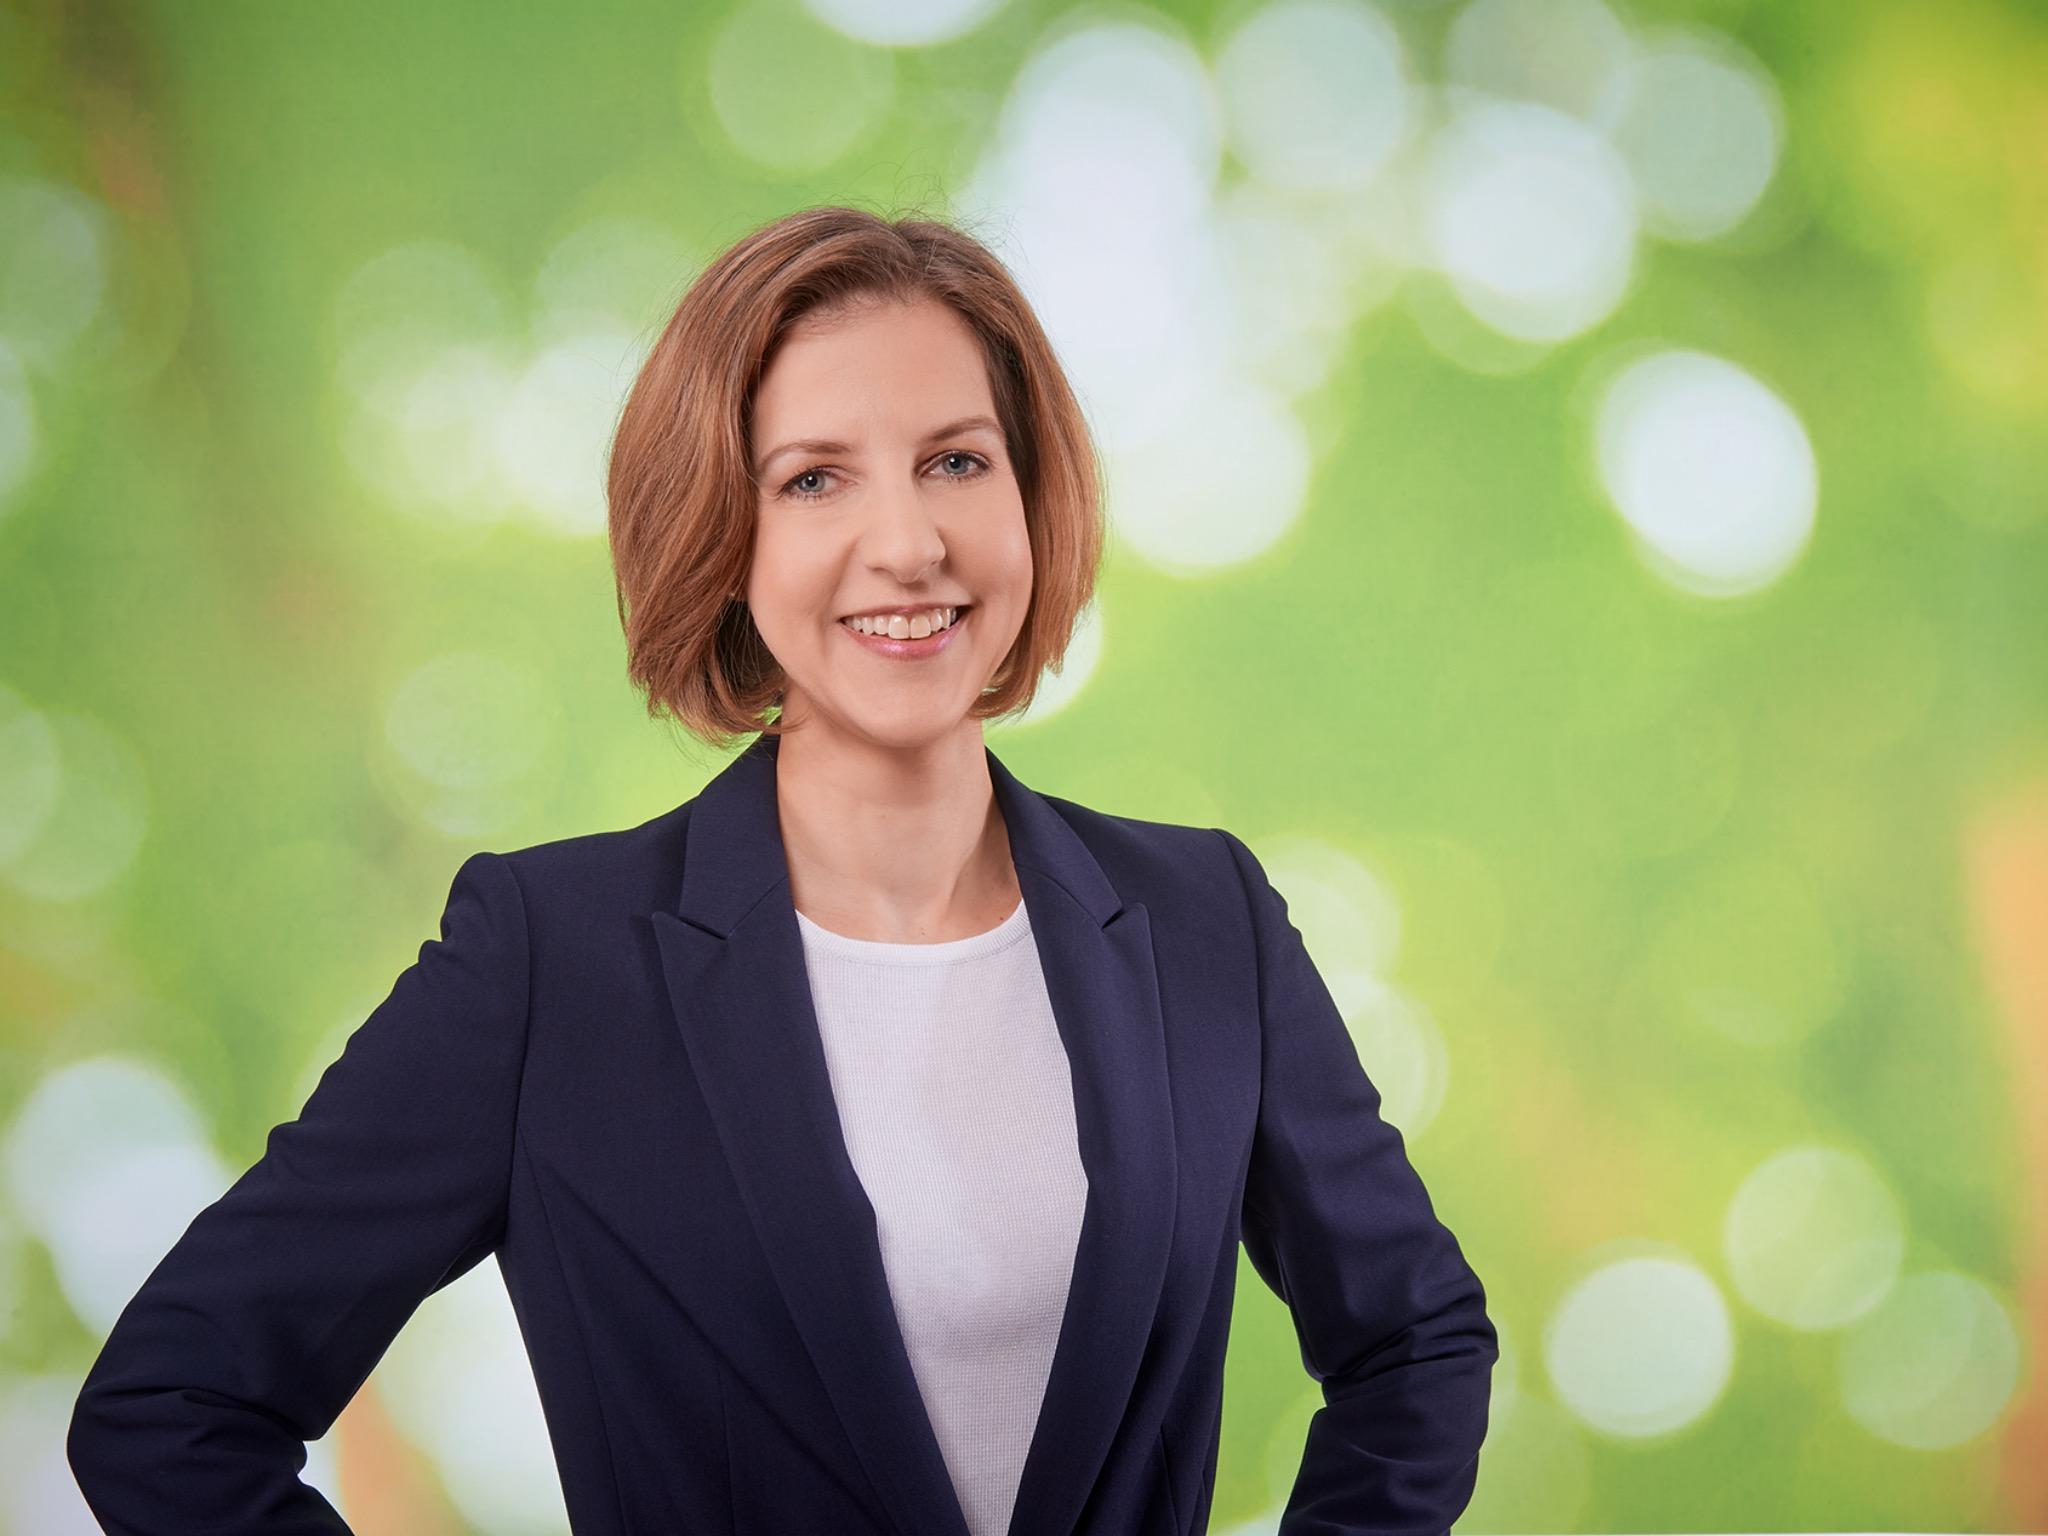 Dr. Kathrin Herrmann ist seit 2019 Chefärztin der Kinder- und Jugendpsychiatrie am Bezirksklinikum Ansbach. Foto: Bezirksklinikum Mittelfranken